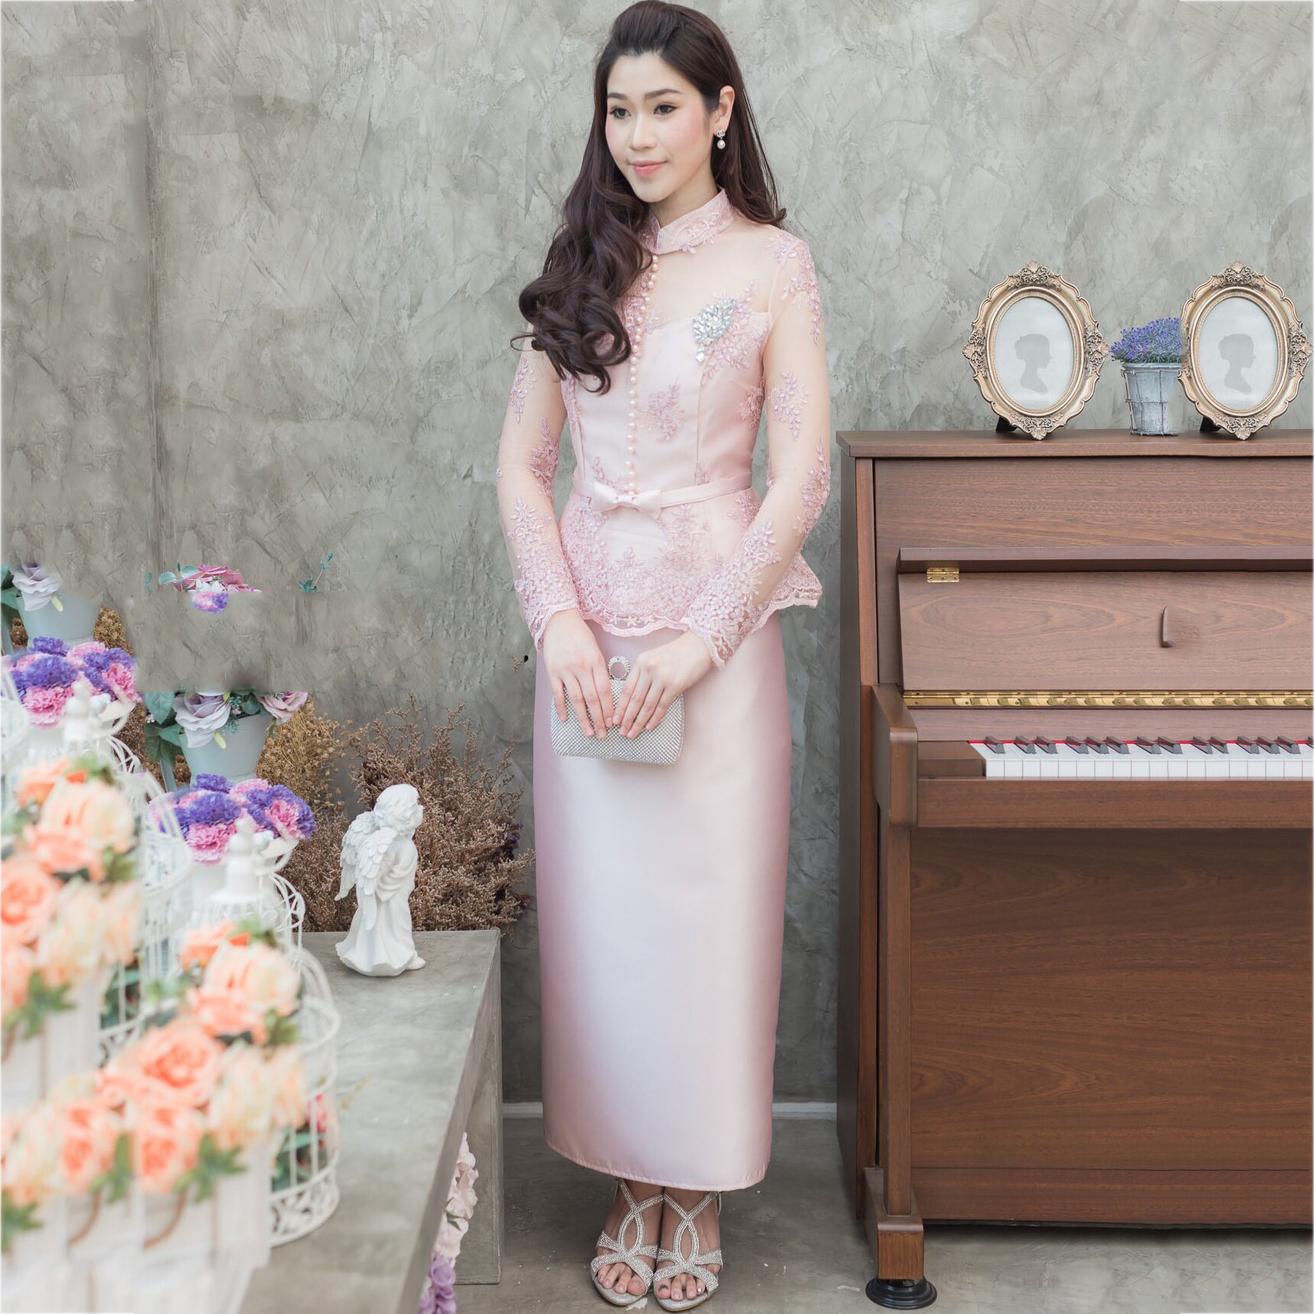 ชุดออกงานกลางวันผู้ใหญ่สีชมพู เซ็ทเสื้อลูกไม้คอจีนแขนยาว + กระโปรงยาว